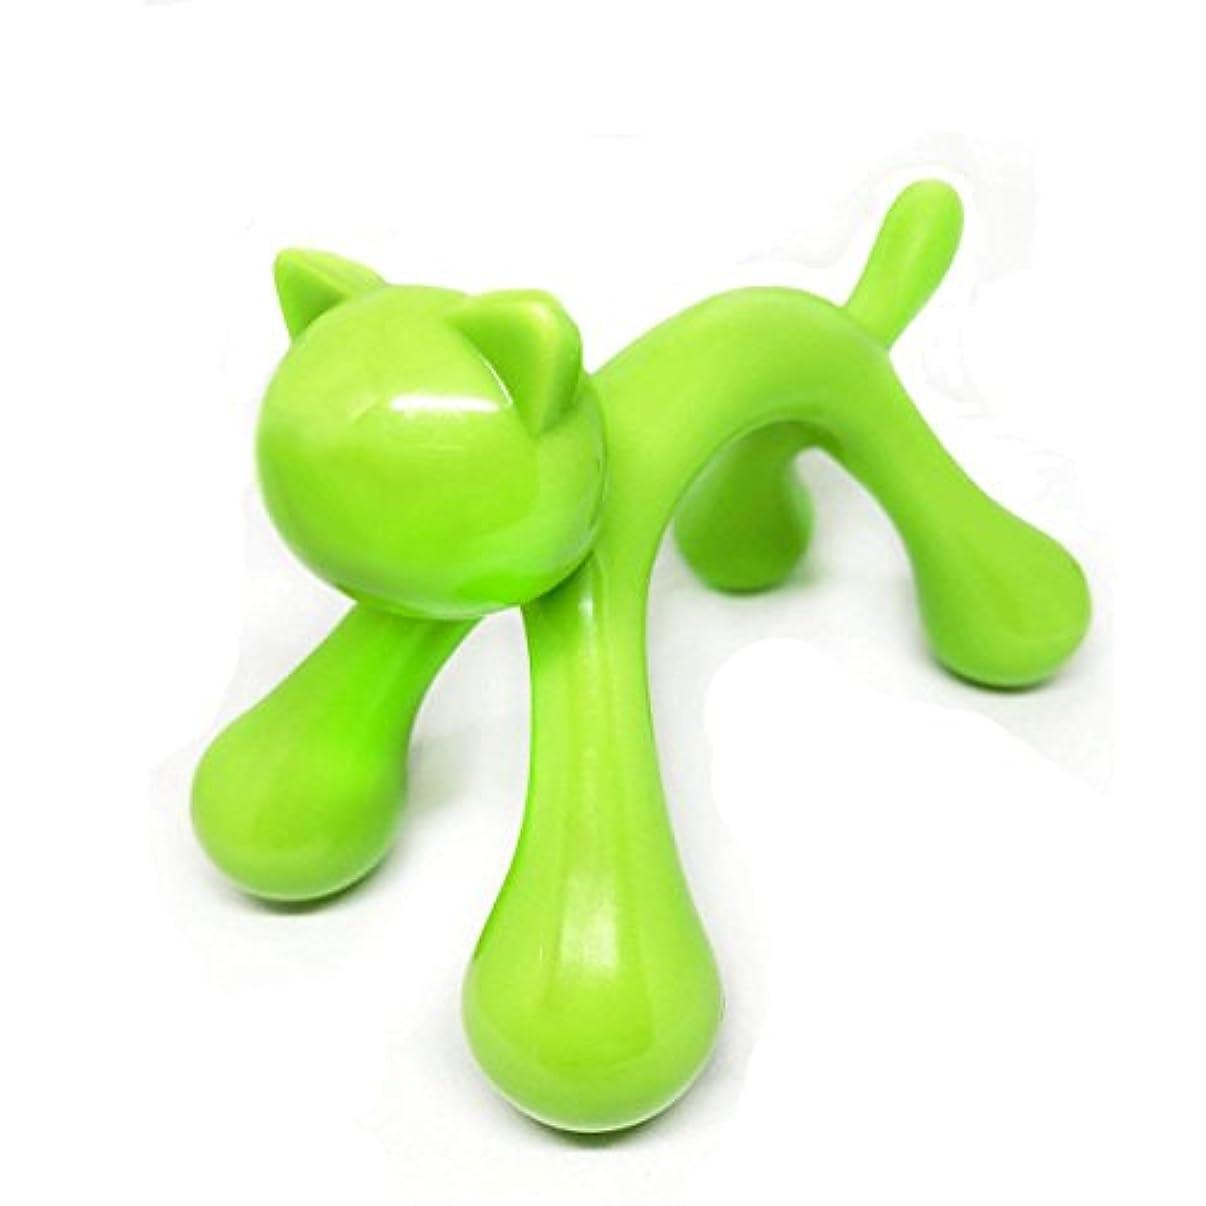 皿フレキシブルめんどりマッサージ棒 ツボ押しマッサージ台 握りタイプ 背中 ウッド 疲労回復 ハンド 背中 首 肩こり解消 可愛いネコ型 (グリーン)